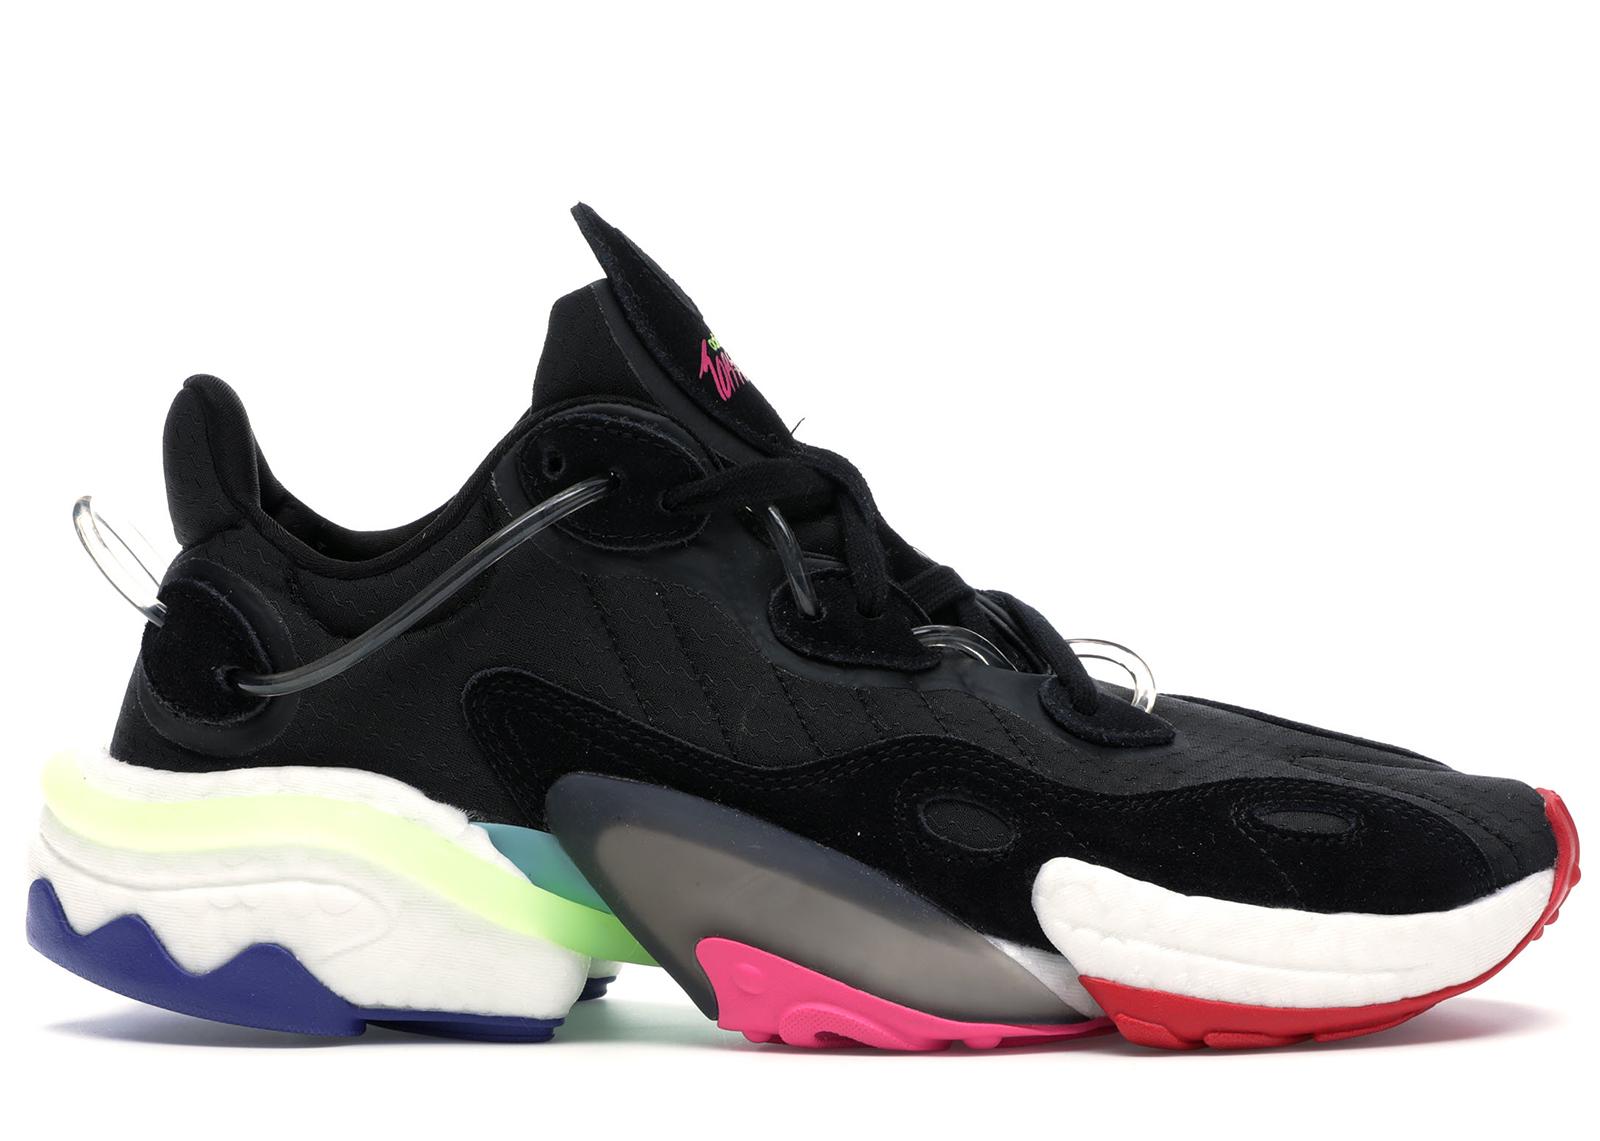 adidas Torsion X Black Multicolor